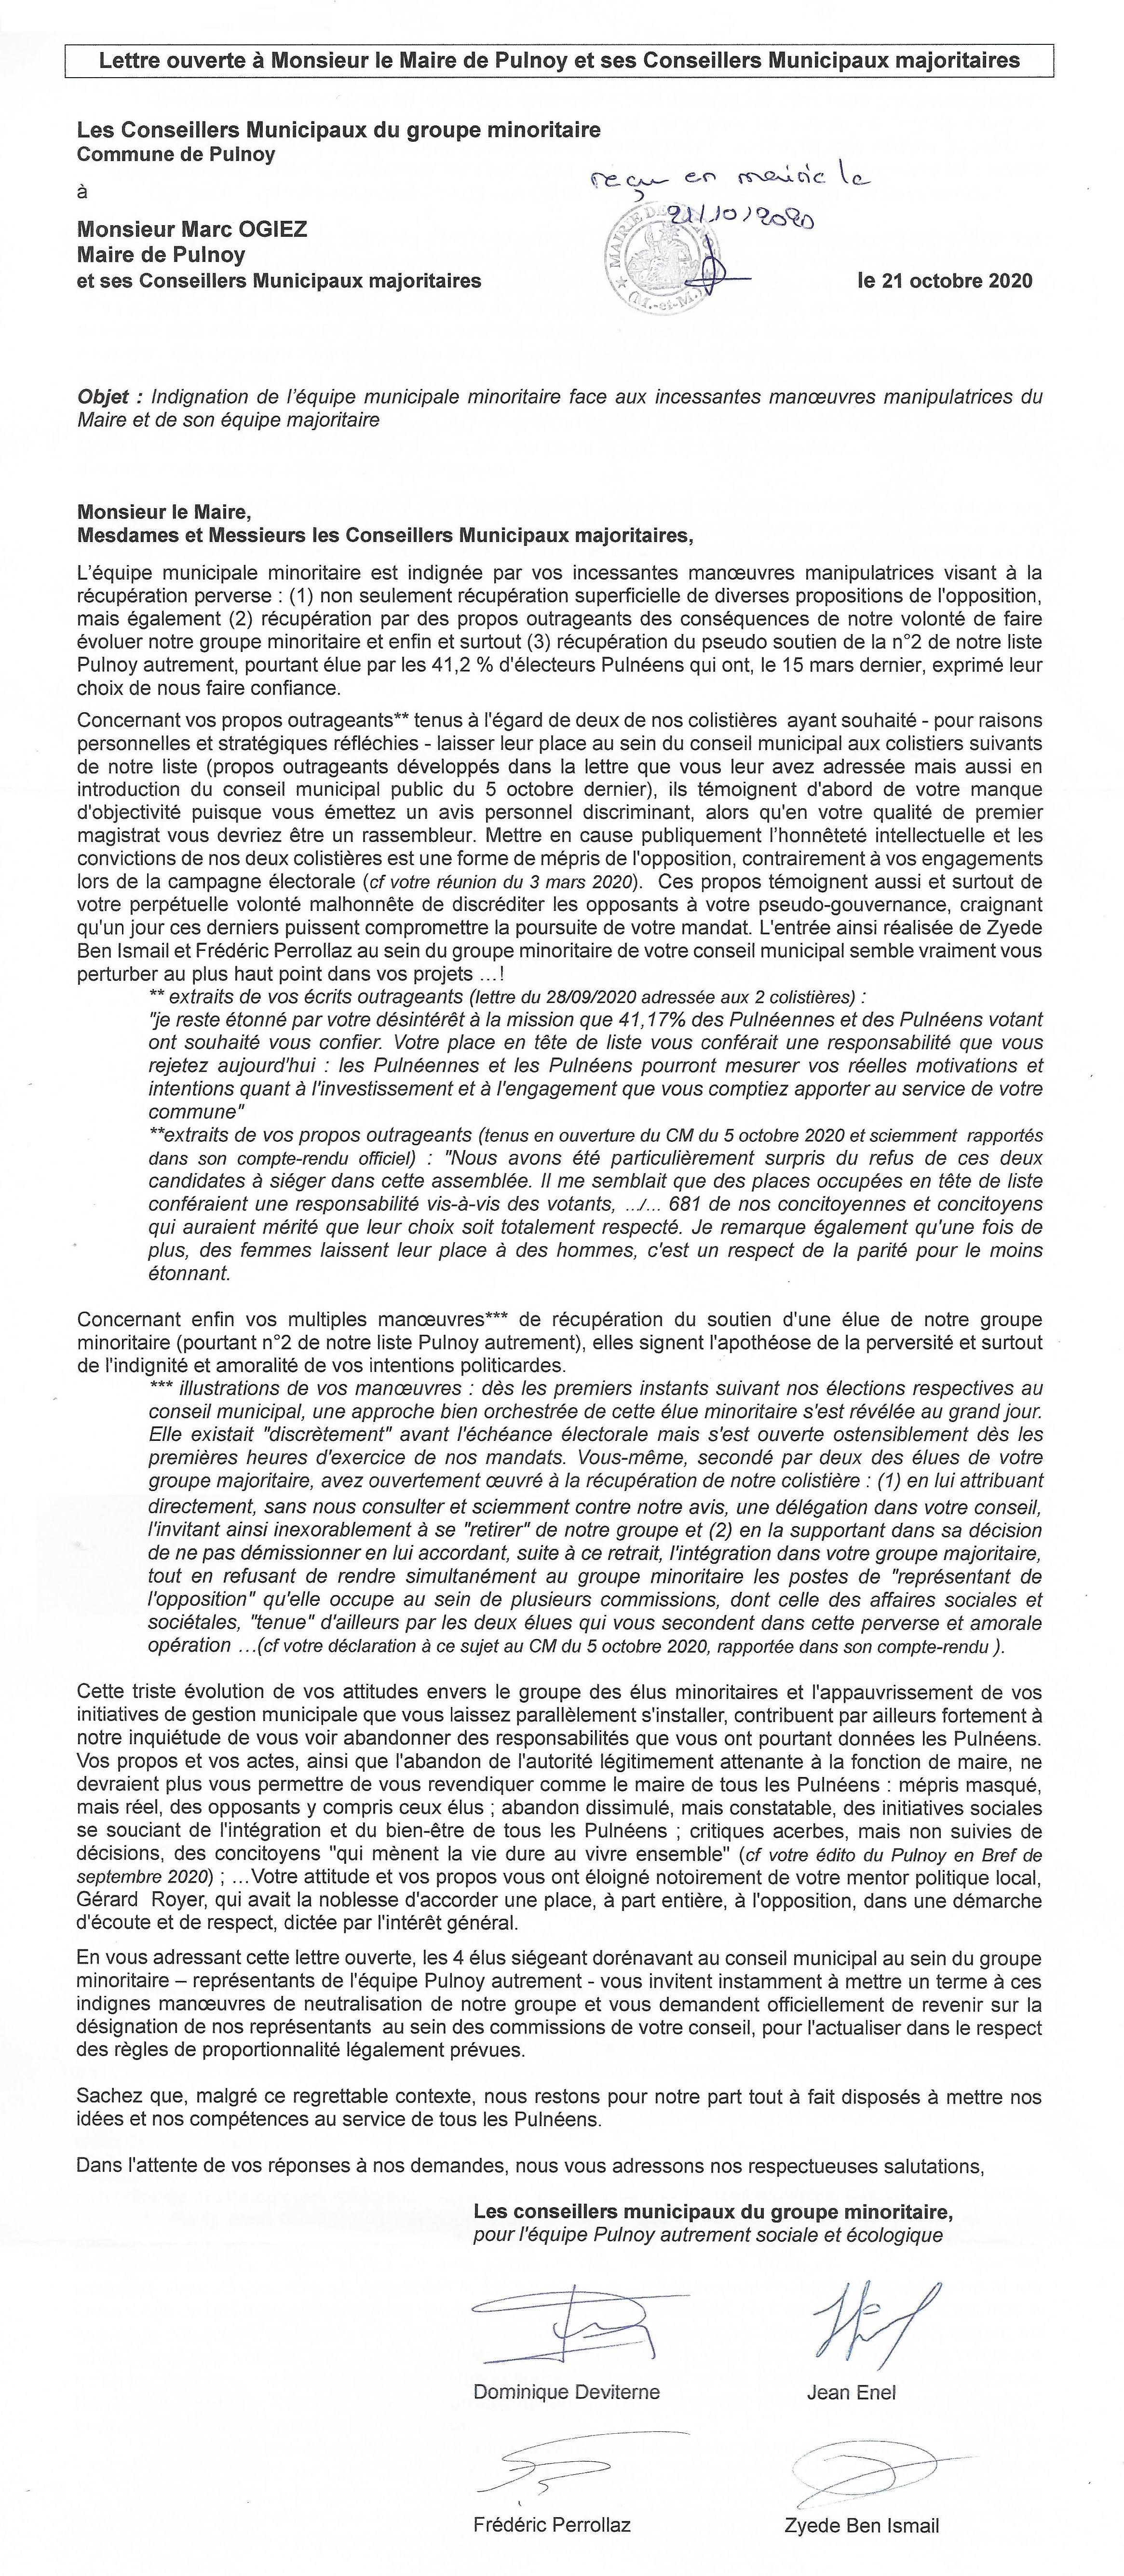 Lettre ouverte Opposition a Maire de Pulnoy_vjpeg